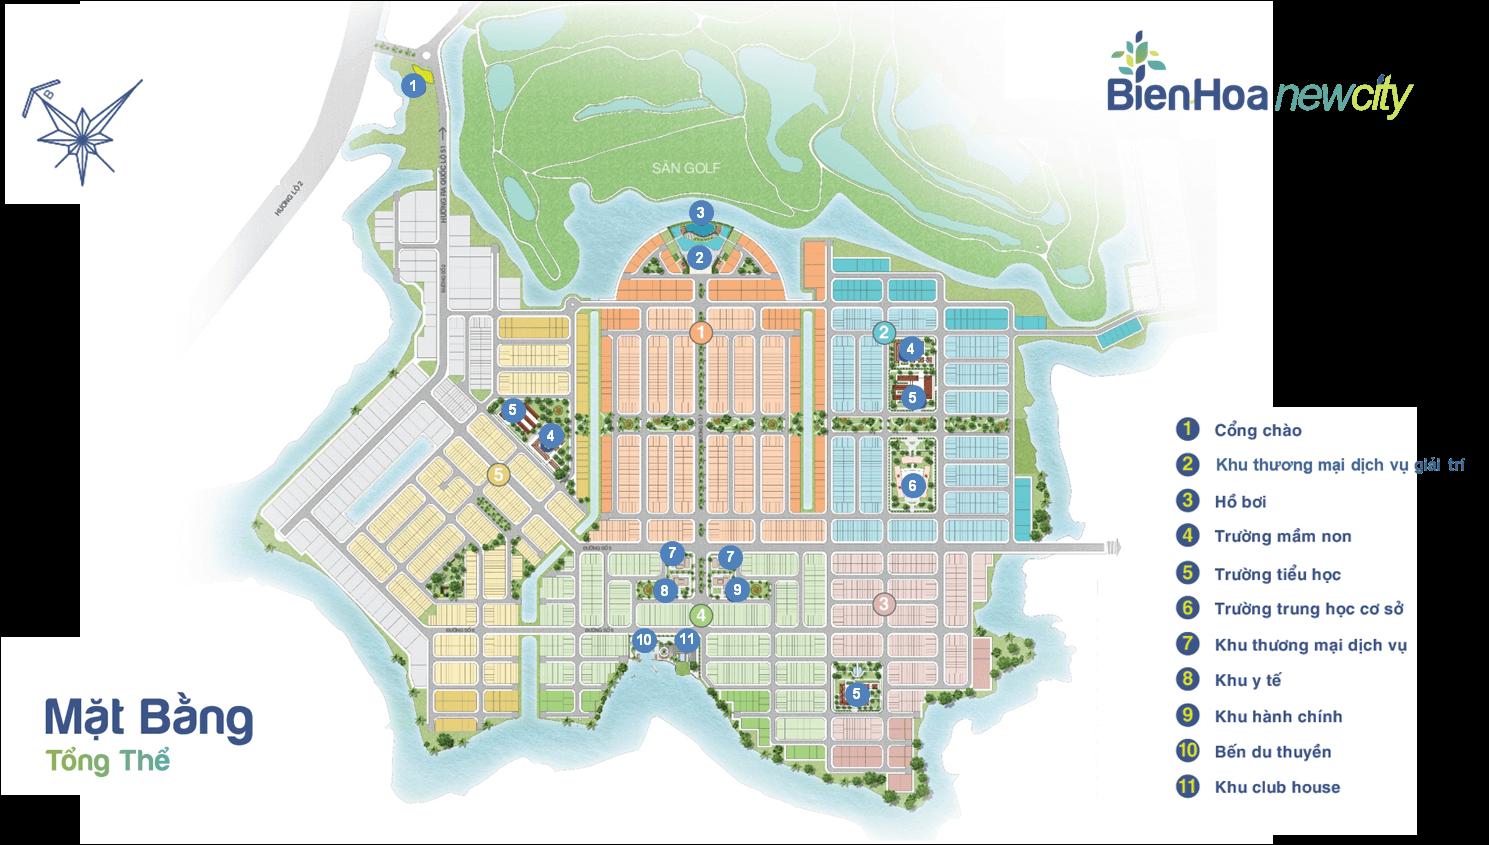 mat-bang-du-an-bien-hoa-new-city